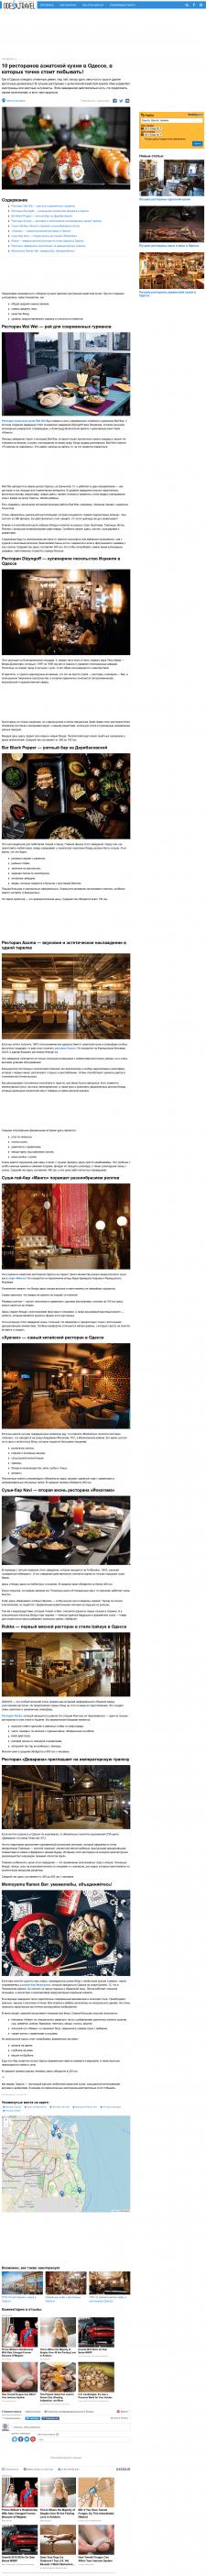 обзор ресторанов азиатской кухни в Одессе